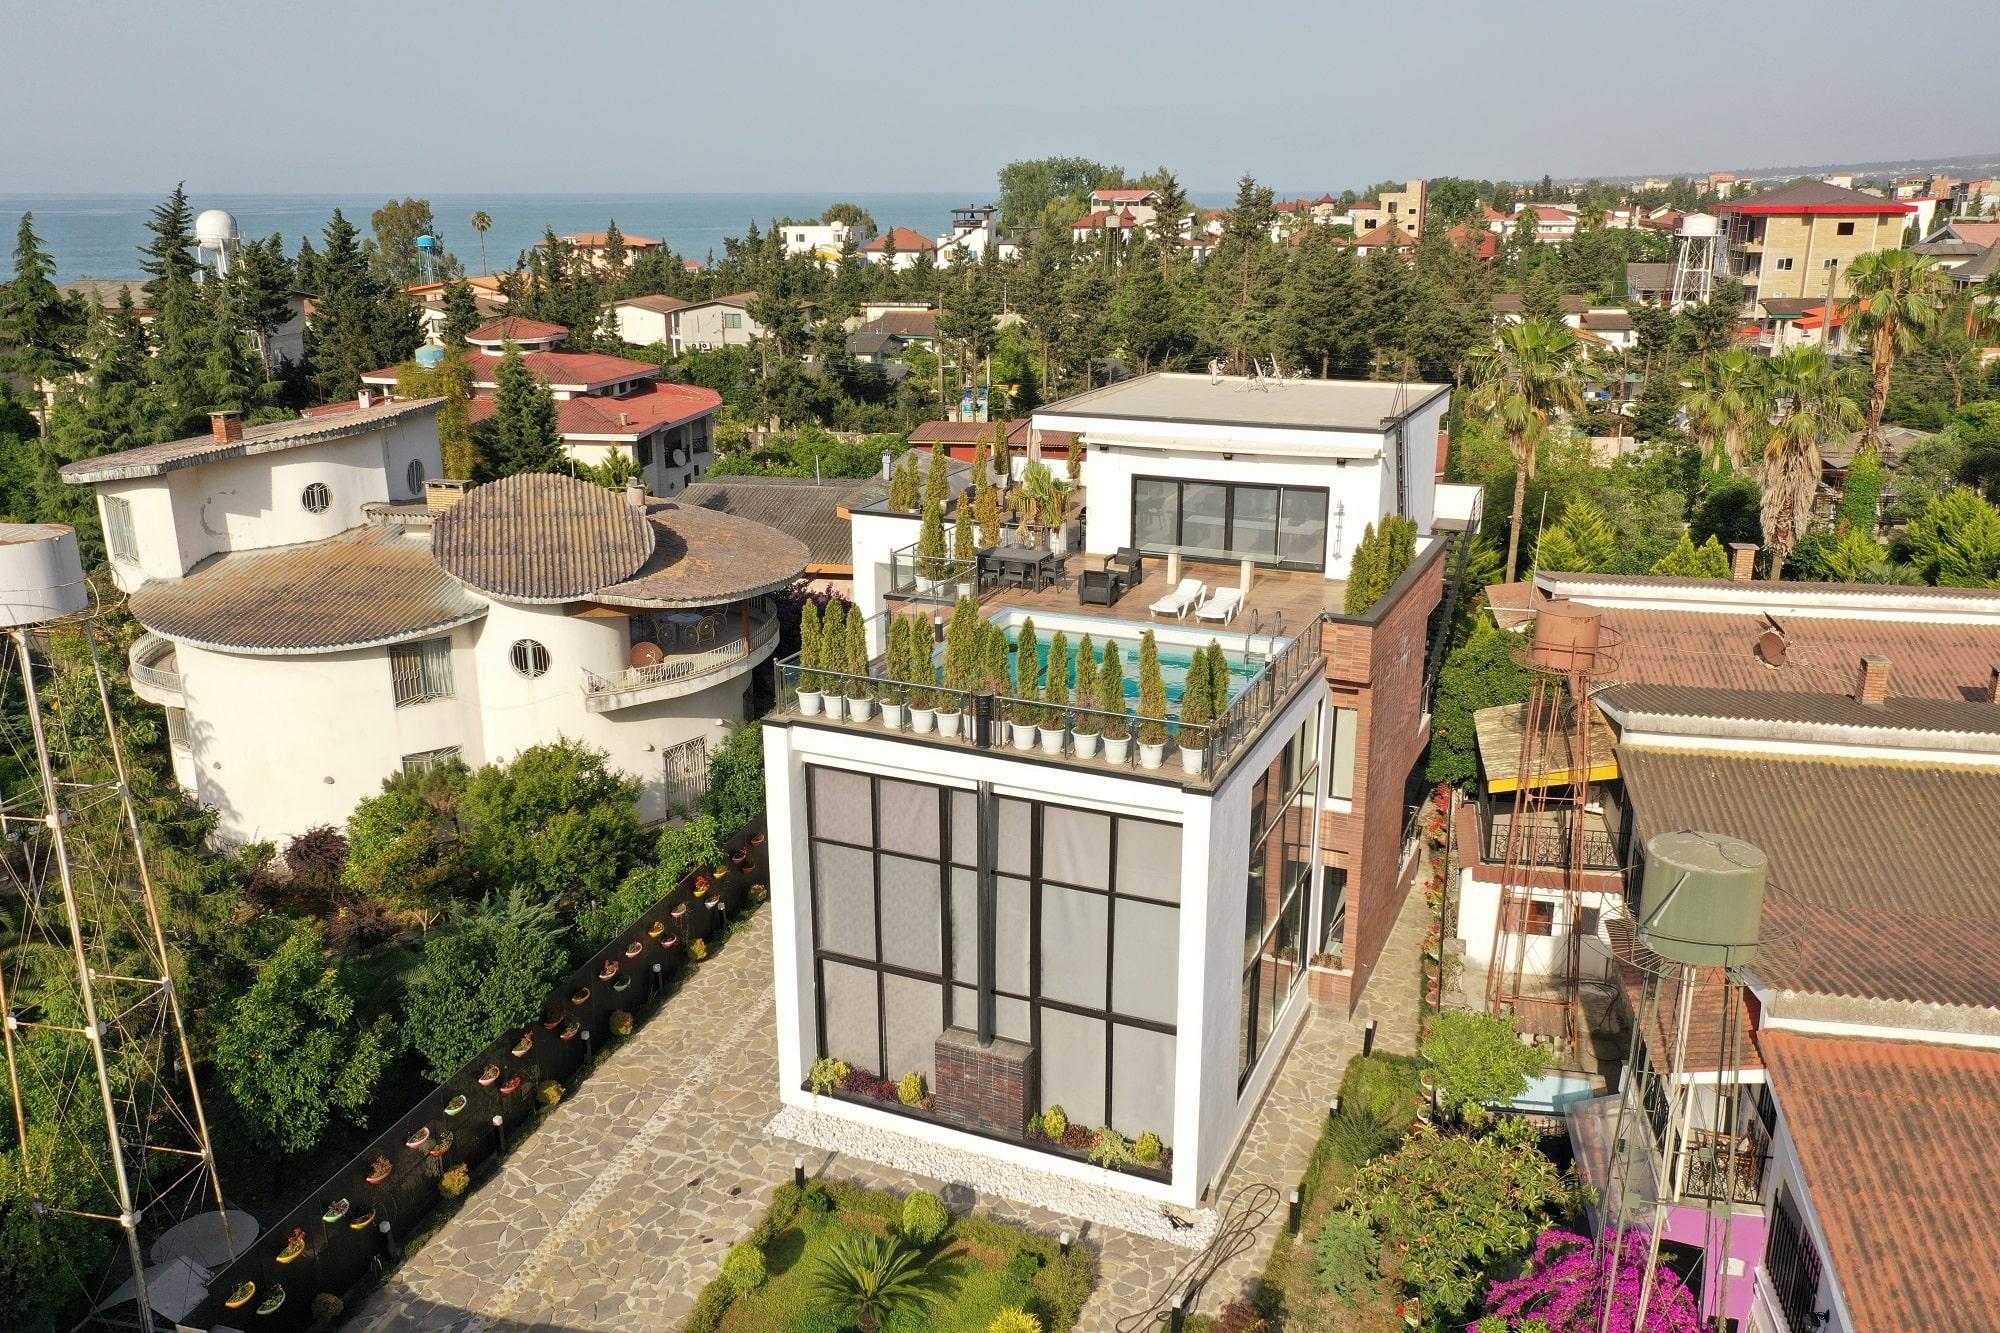 پروژه هوشمند و مسکونی لوکس در شهر آمل با محصولات خانه هوشمند HDL